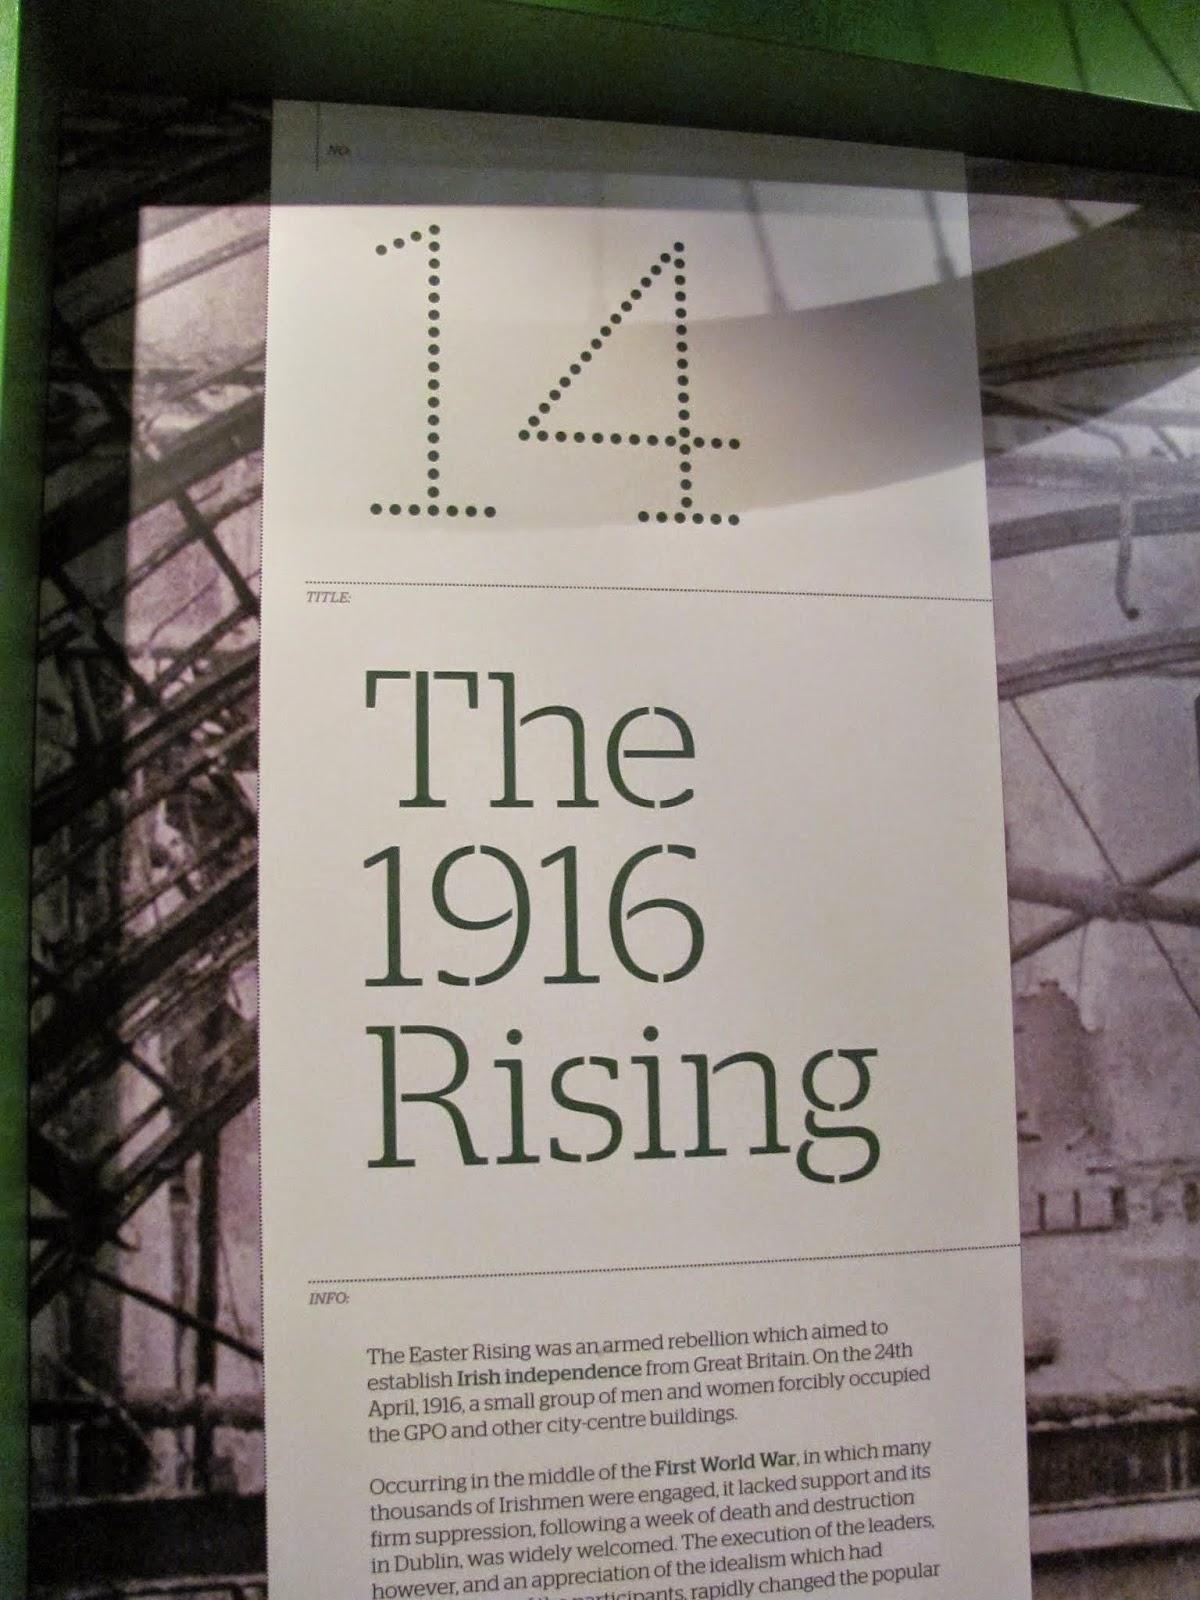 The 1916 Rising Exhibit